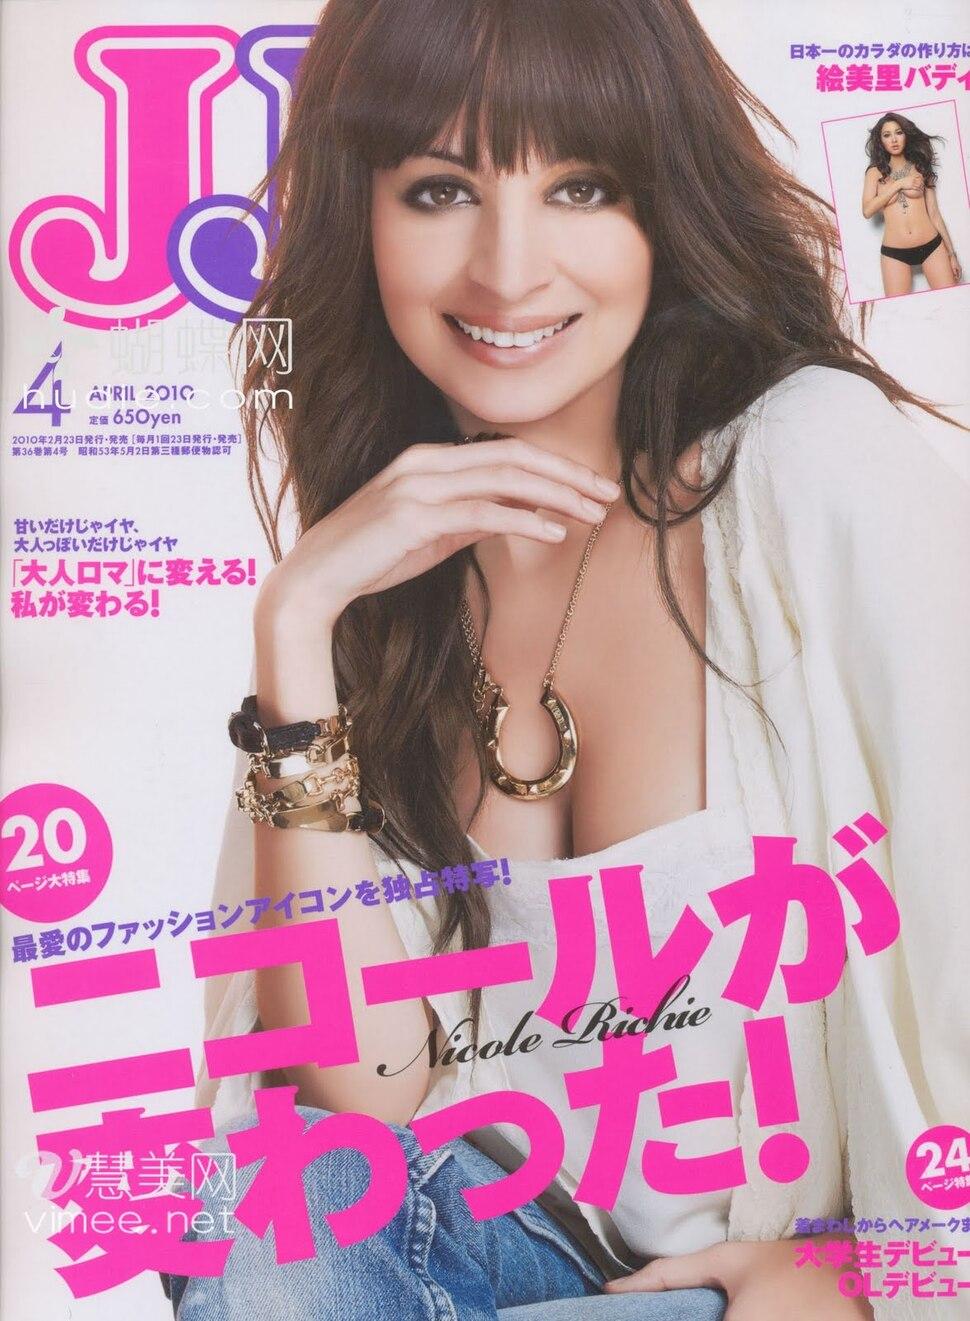 Николь Ричи в журнале JJ. Апрель 2010